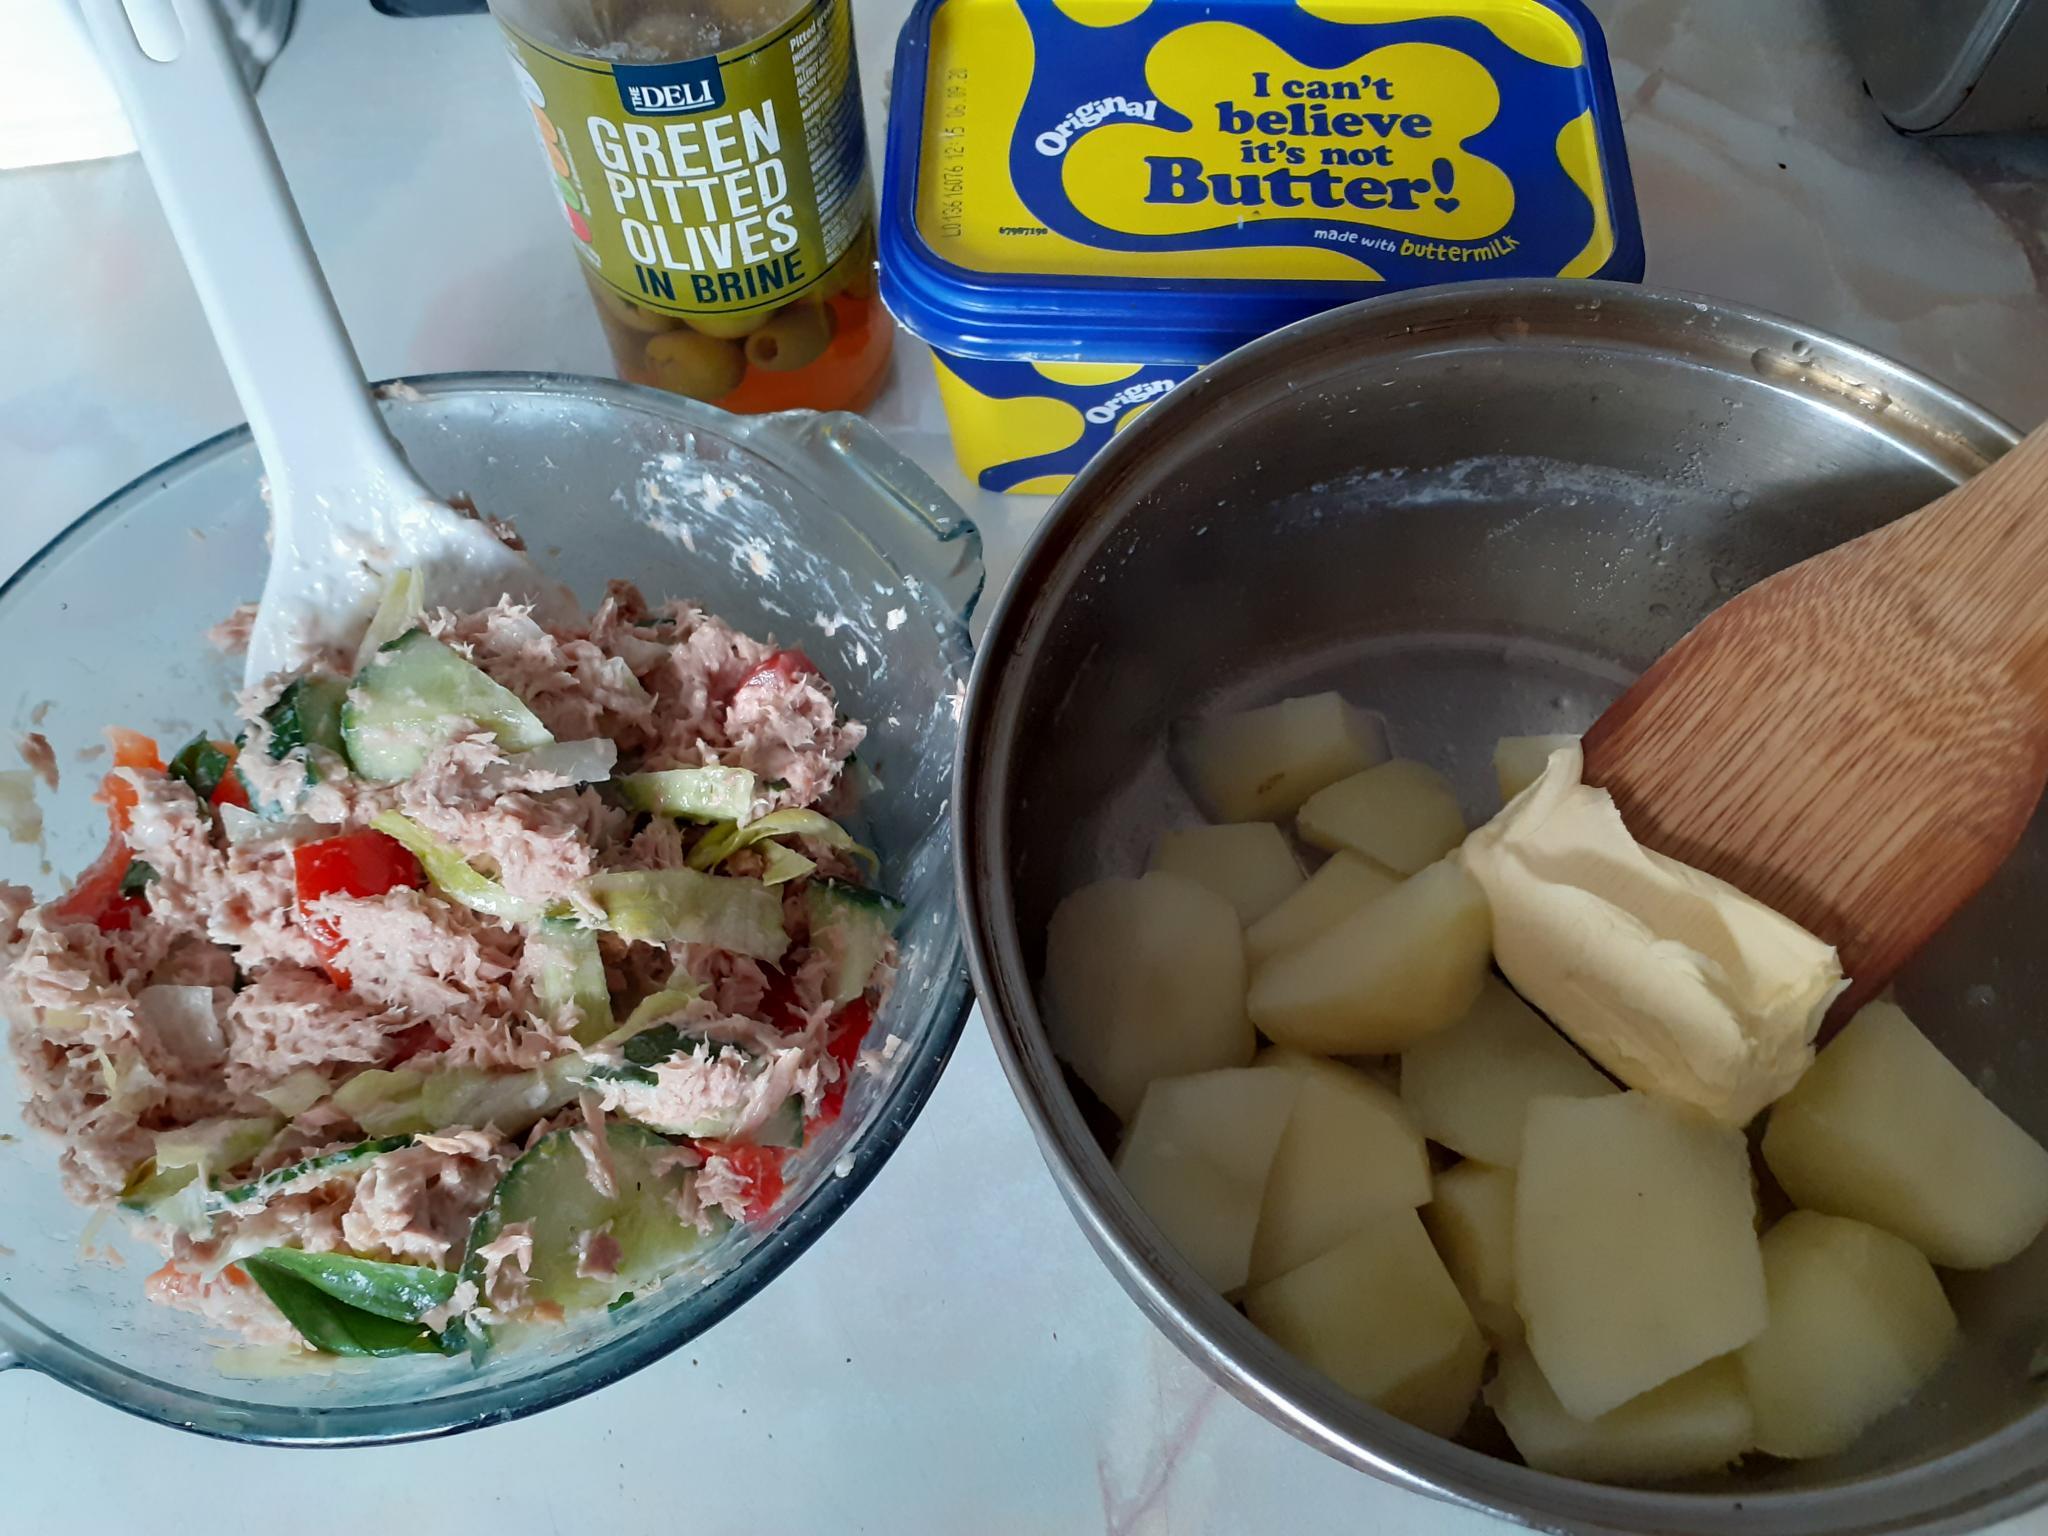 Chittys healthy en salad mixta ala Ruski-20200703_143702-jpg